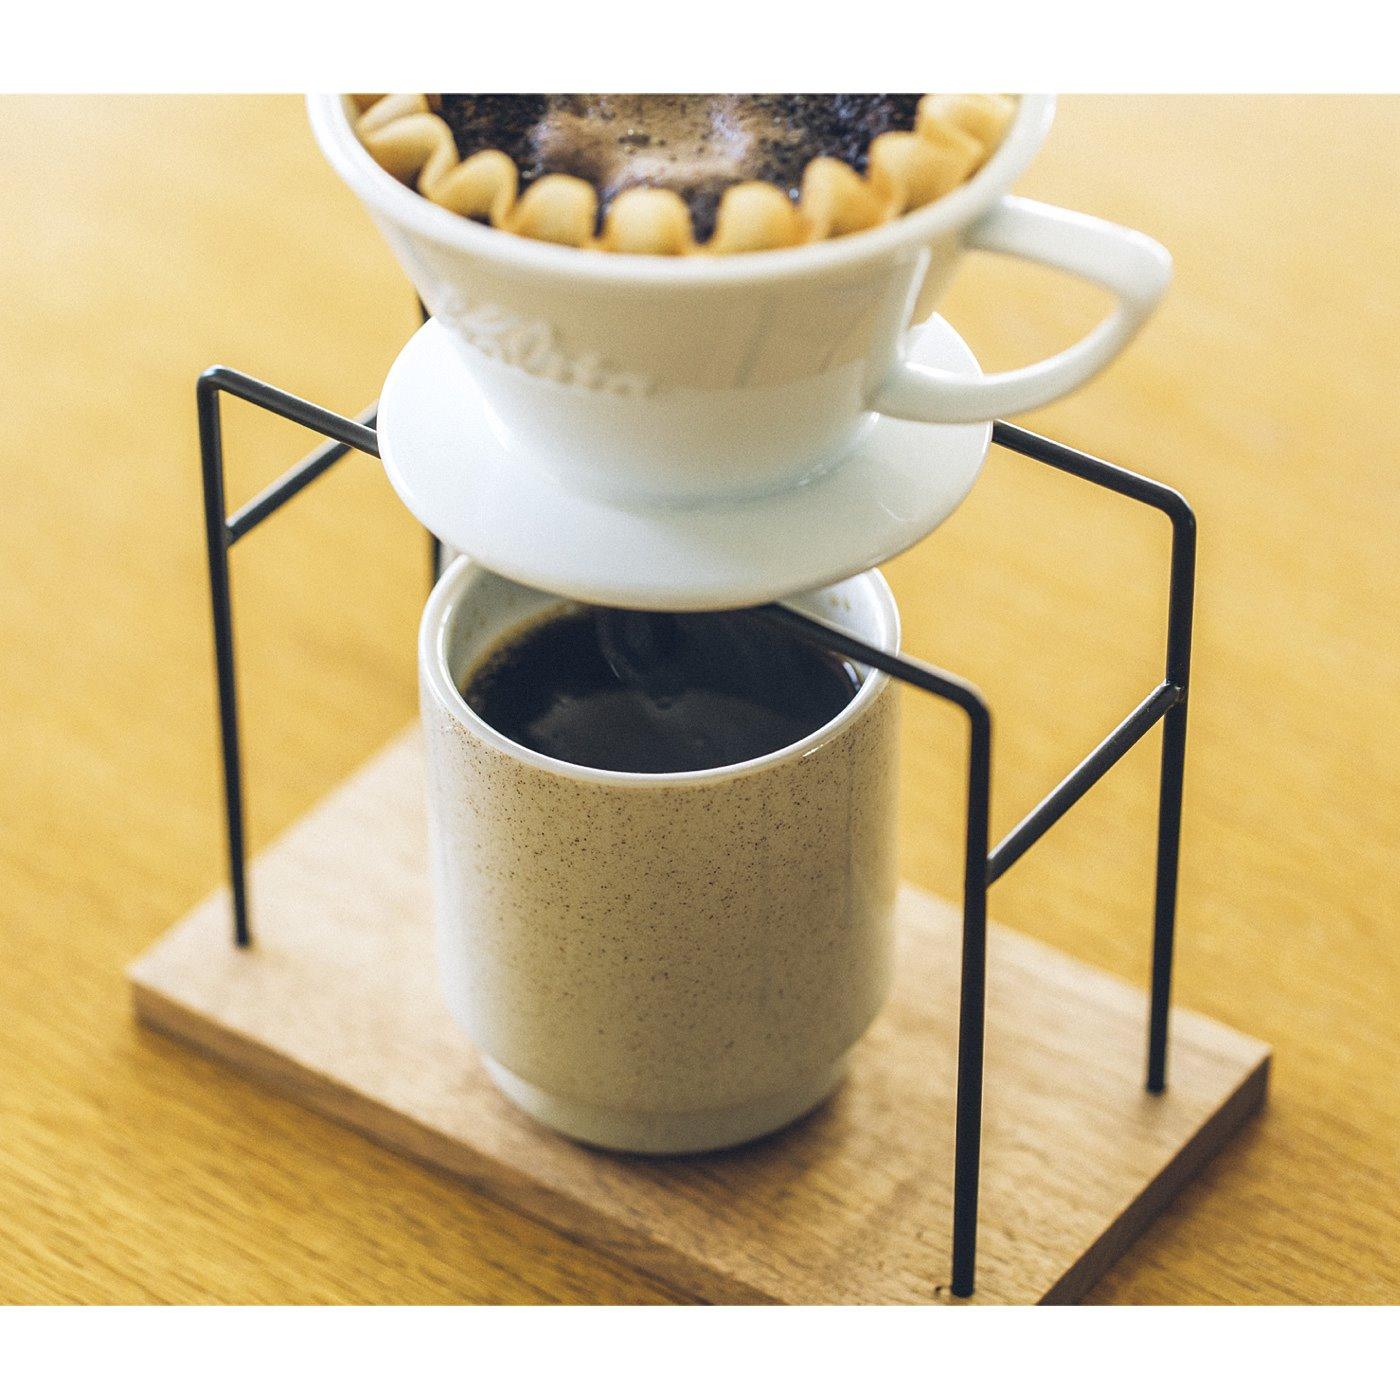 一杯ずつカップにドリップするする際に、どのくらい抽出したかがきちんと見えるから、カップからあふれることなく適量をサーブできます。